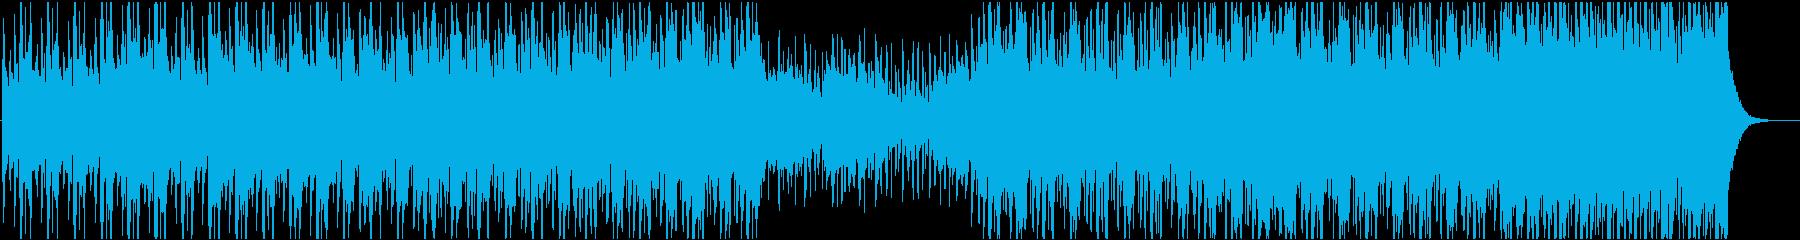 力強い和太鼓と和楽器のBGMの再生済みの波形